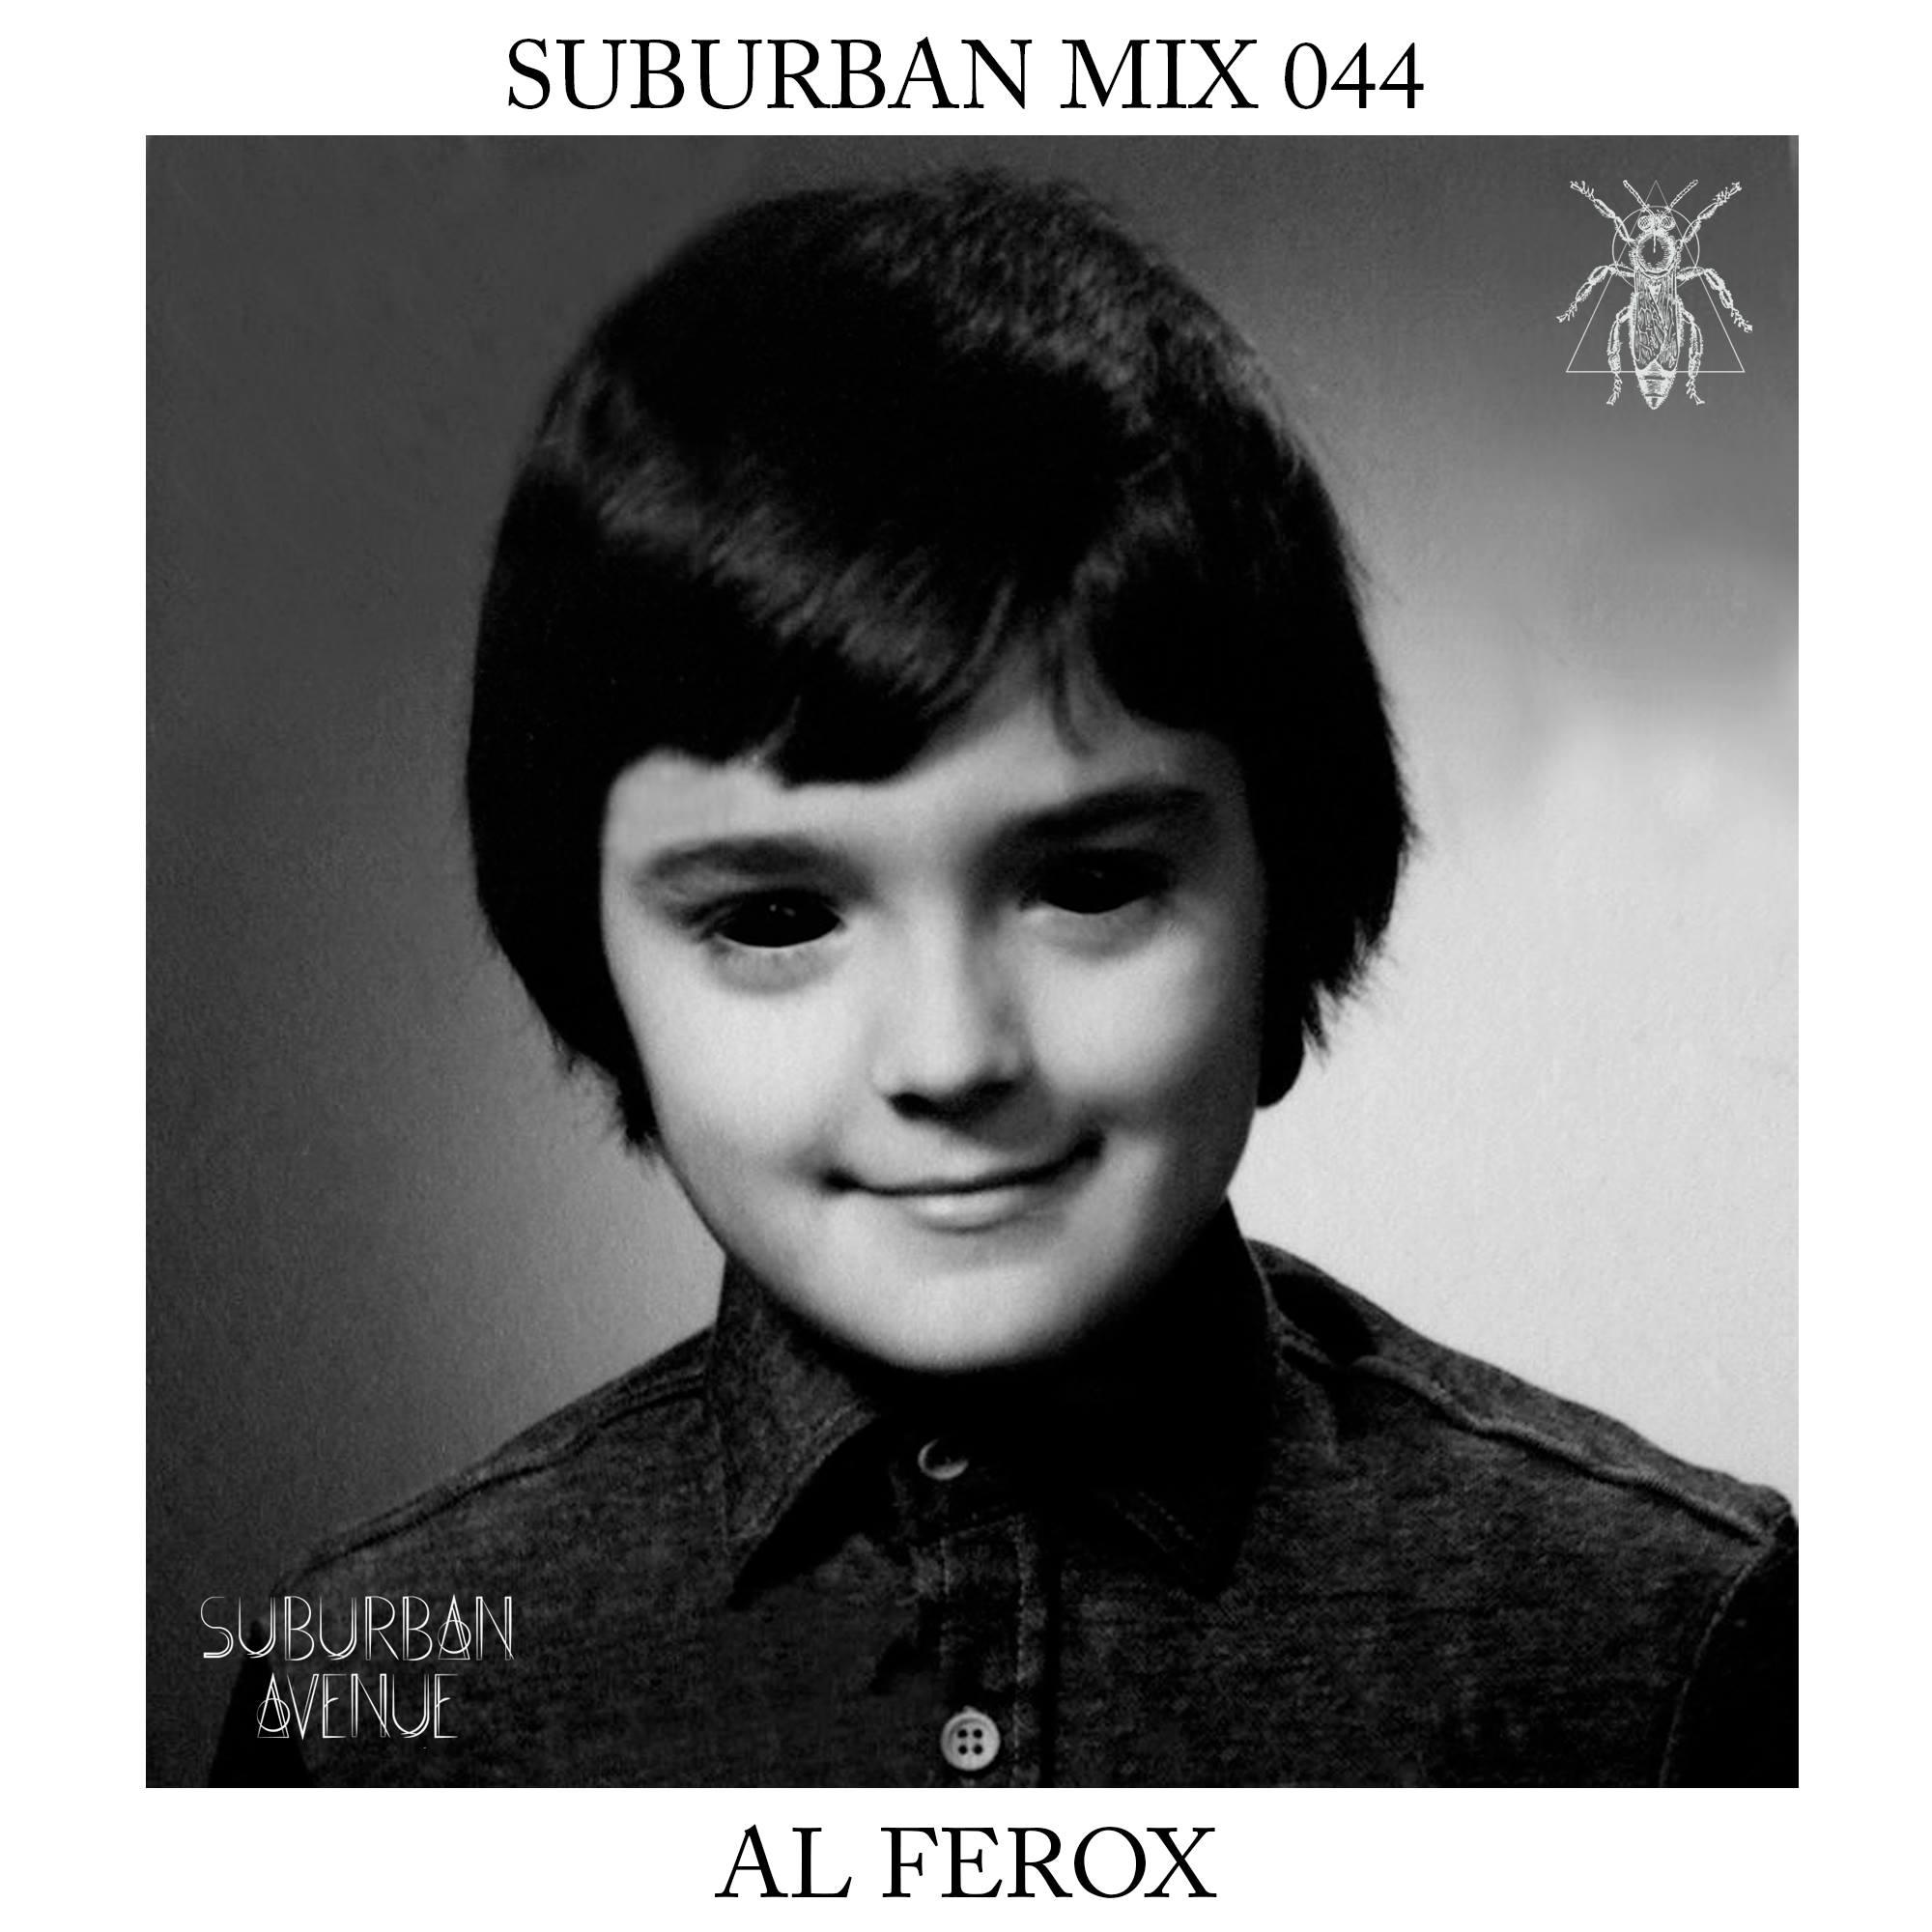 Suburban Mix 044 - Al Ferox